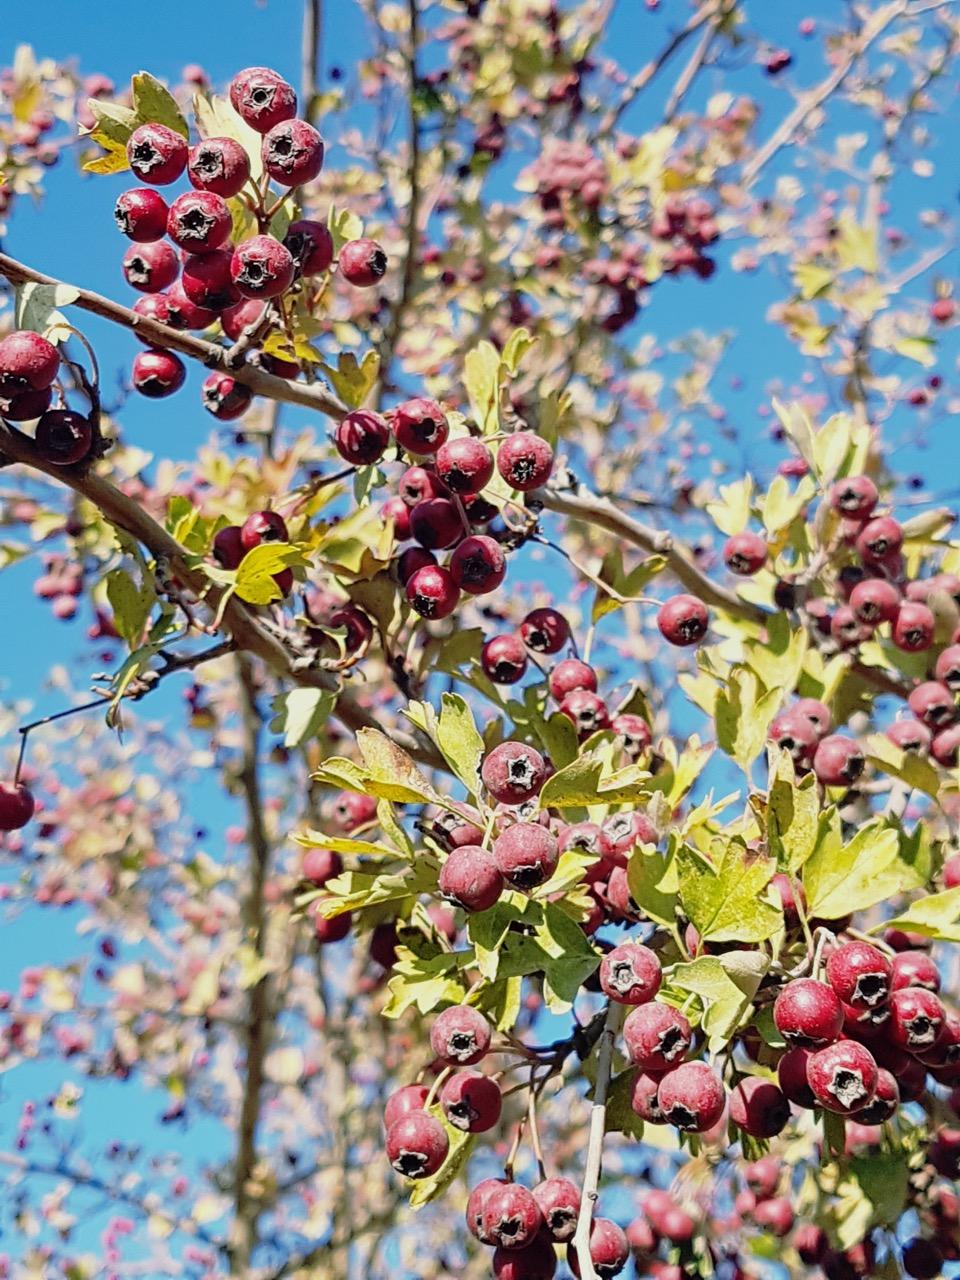 marseille-wild-berries